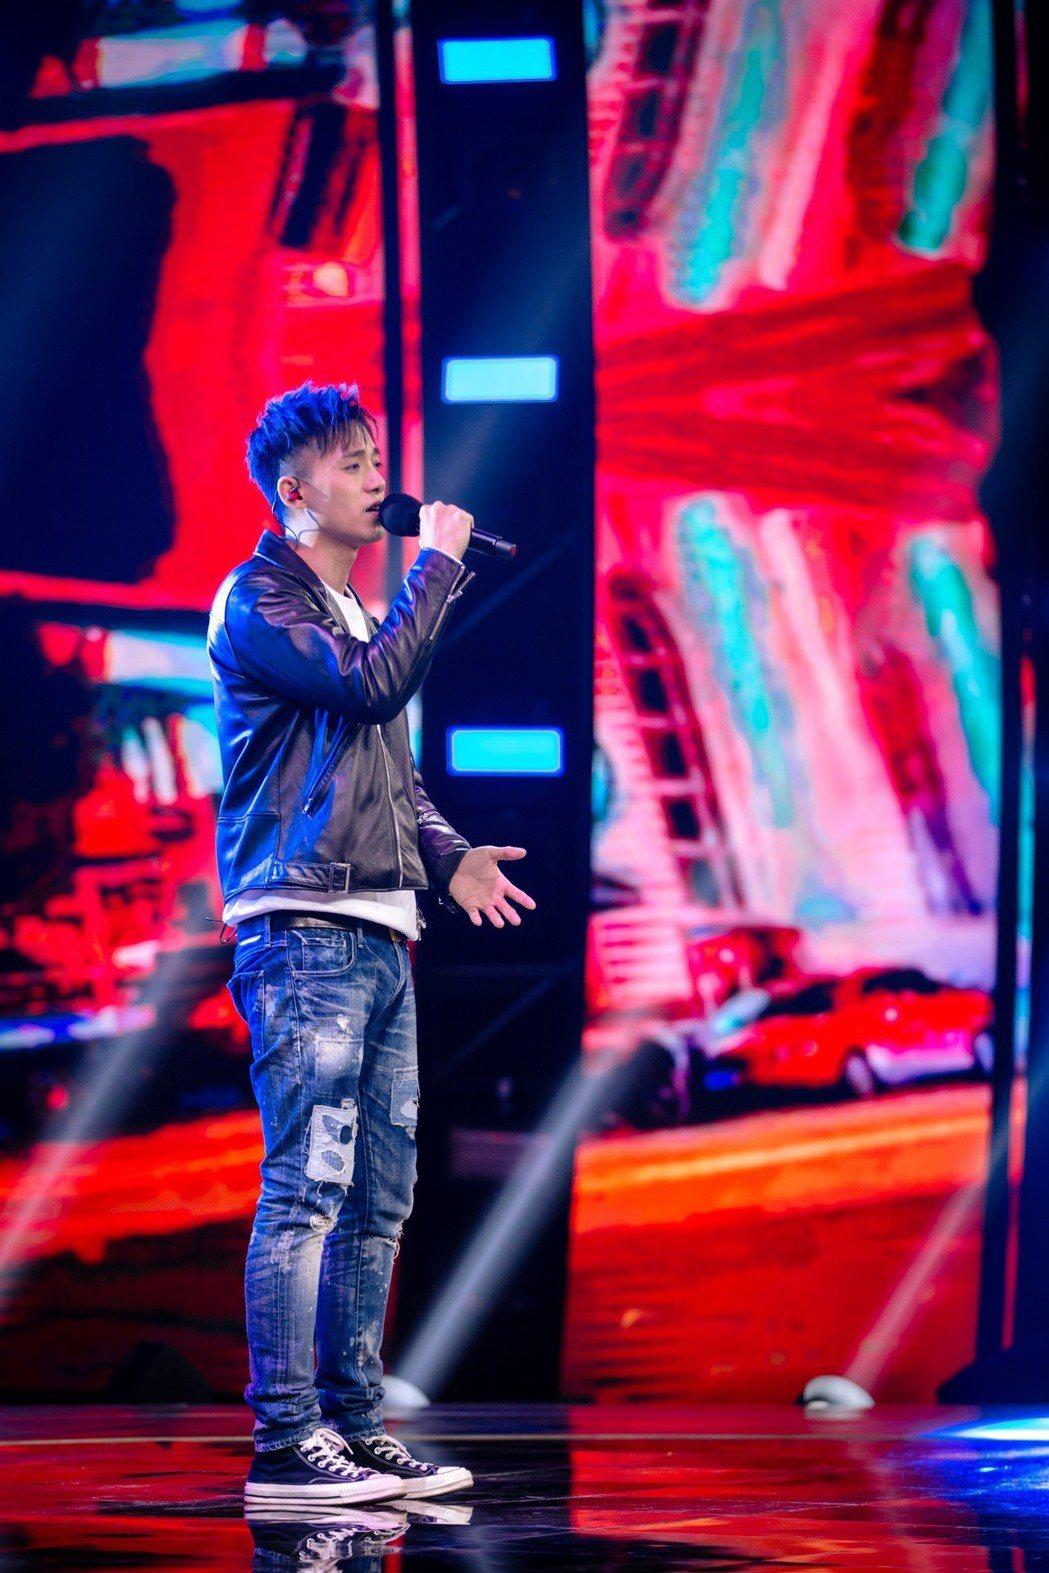 李唯楓受邀錄製音樂節目「聲音的抉擇」。圖/北京衛視提供